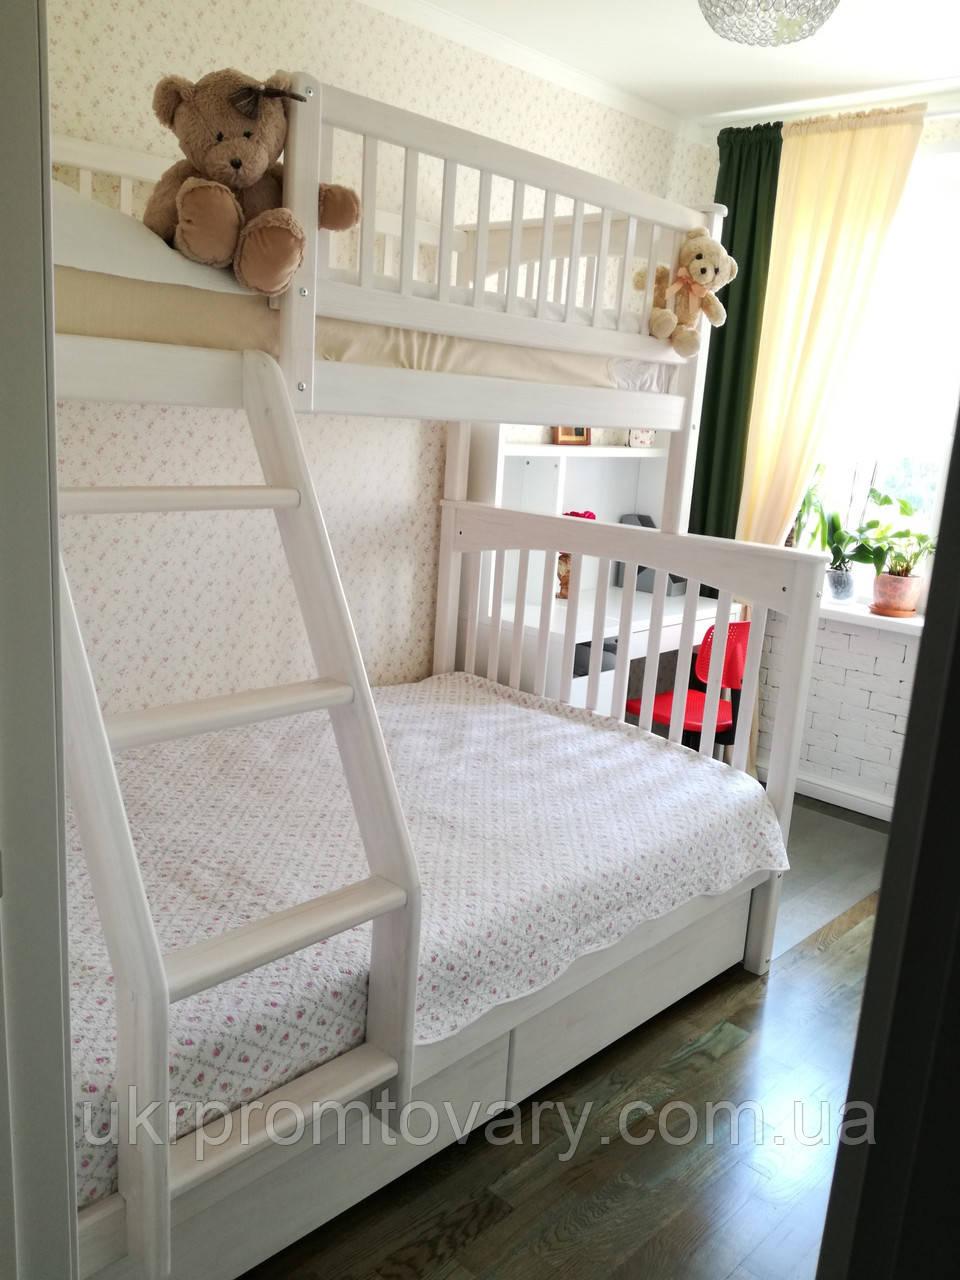 Двухъярусная кровать для троих детейСоня 80*200/120*200, бук в Киеве, натуральное дерево, качество